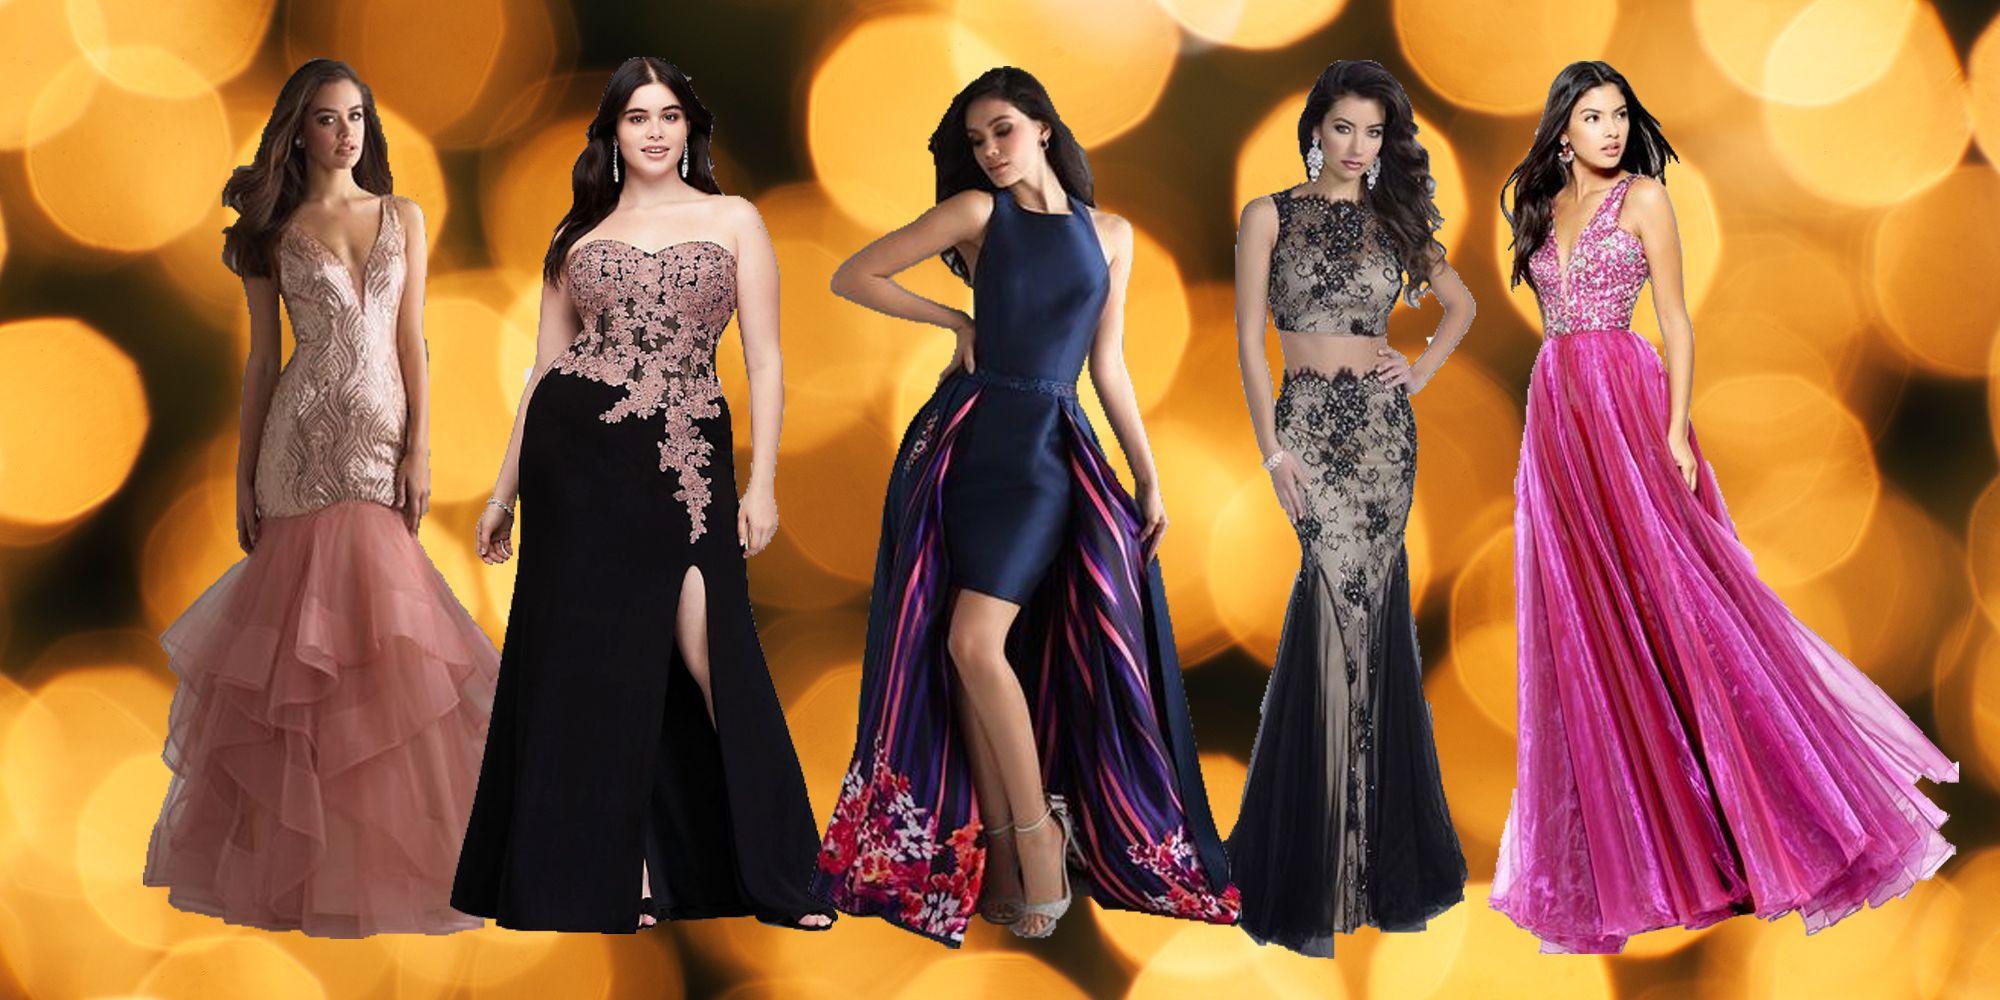 Ziemlich Seventeen Magazine Prom Dresses Galerie - Hochzeit Kleid ...